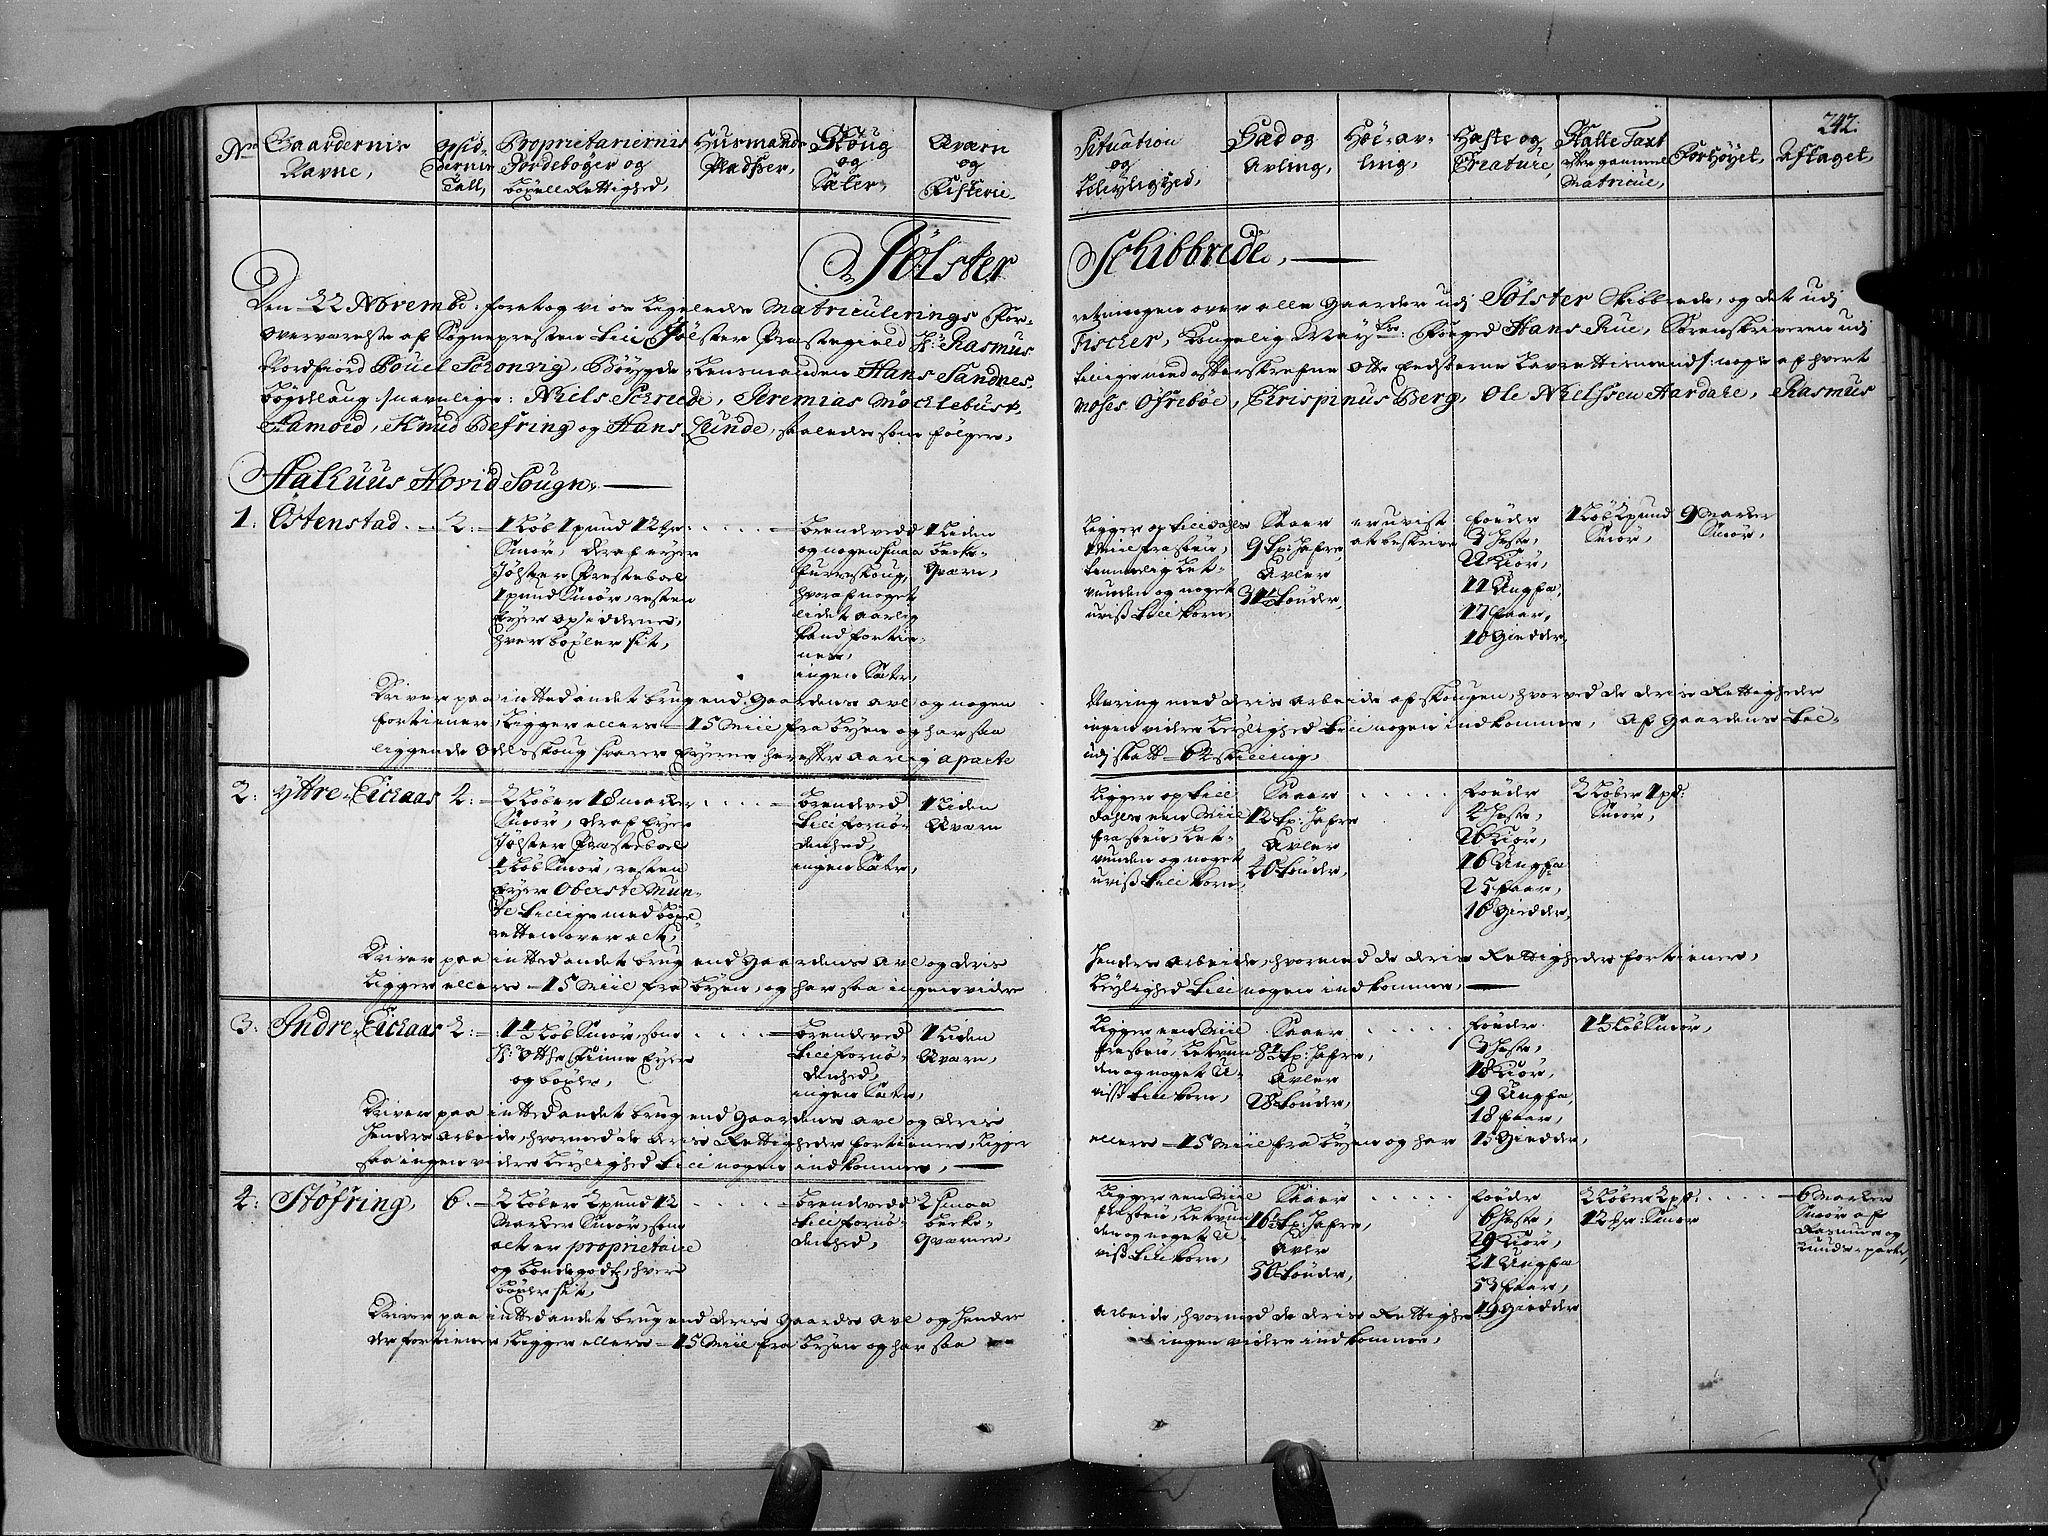 RA, Rentekammeret inntil 1814, Realistisk ordnet avdeling, N/Nb/Nbf/L0146: Sunnfjord og Nordfjord eksaminasjonsprotokoll, 1723, s. 241b-242a